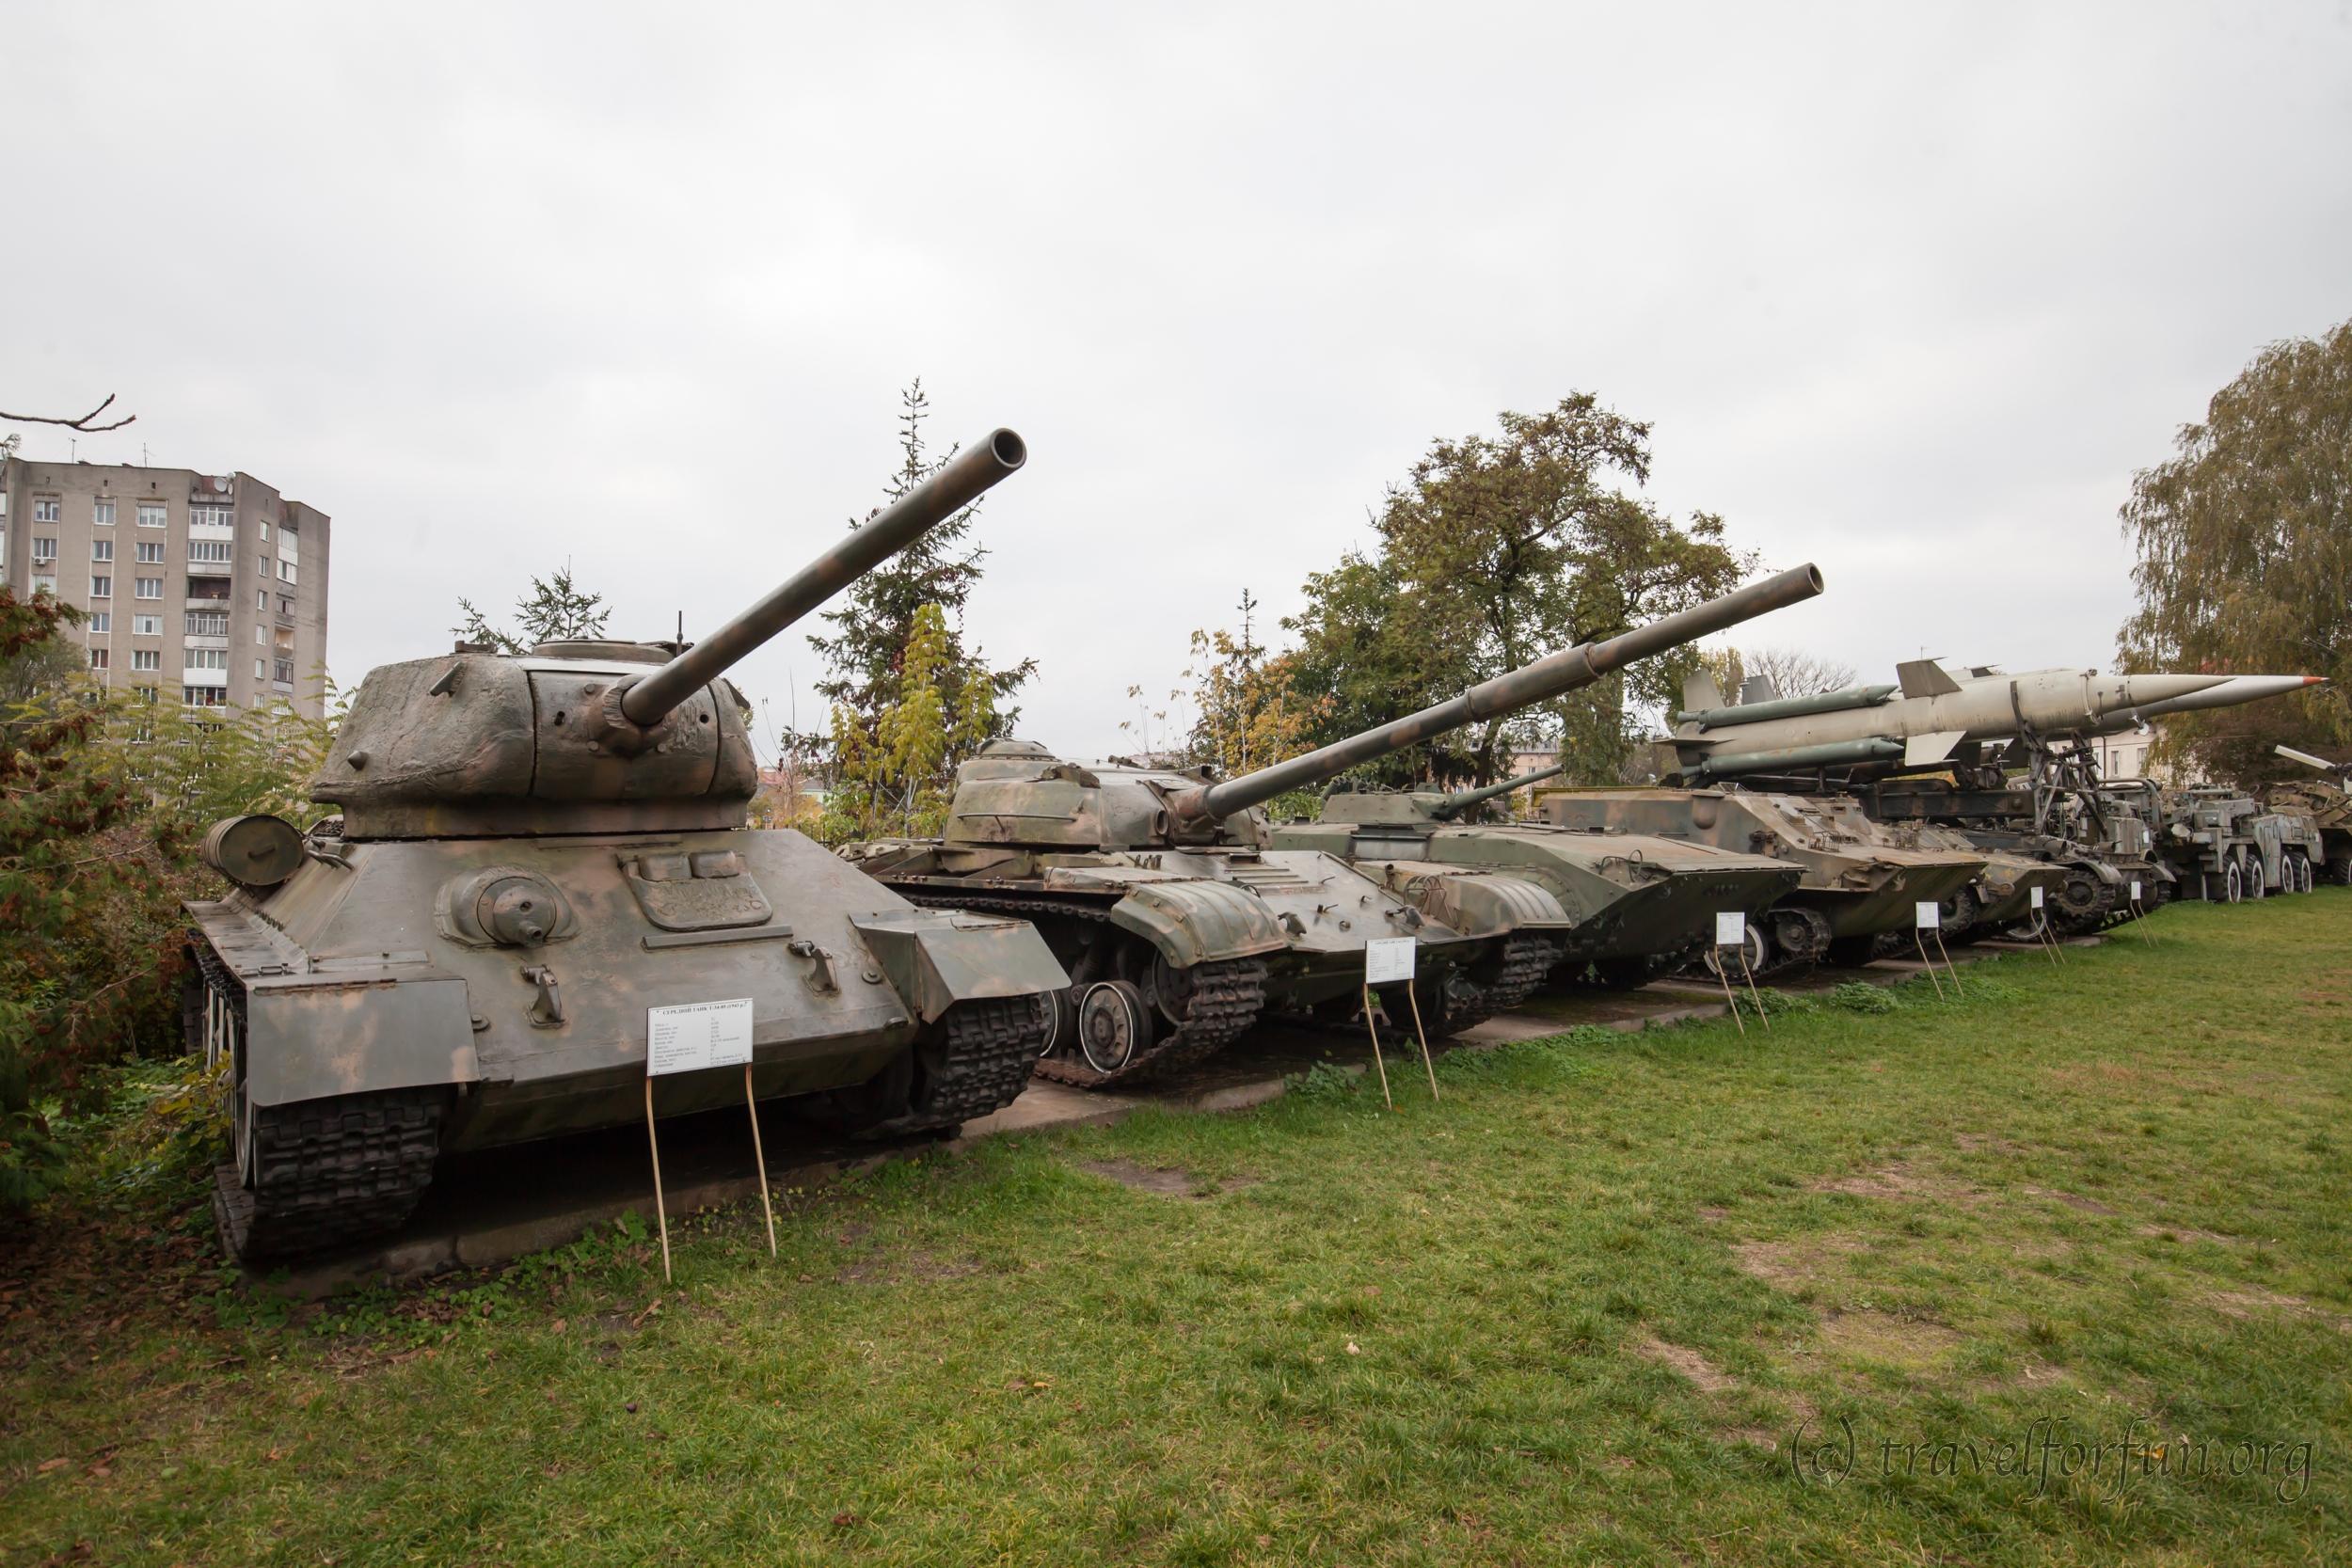 Волинський регіональний музей українського війська та військової техніки в Луцьку